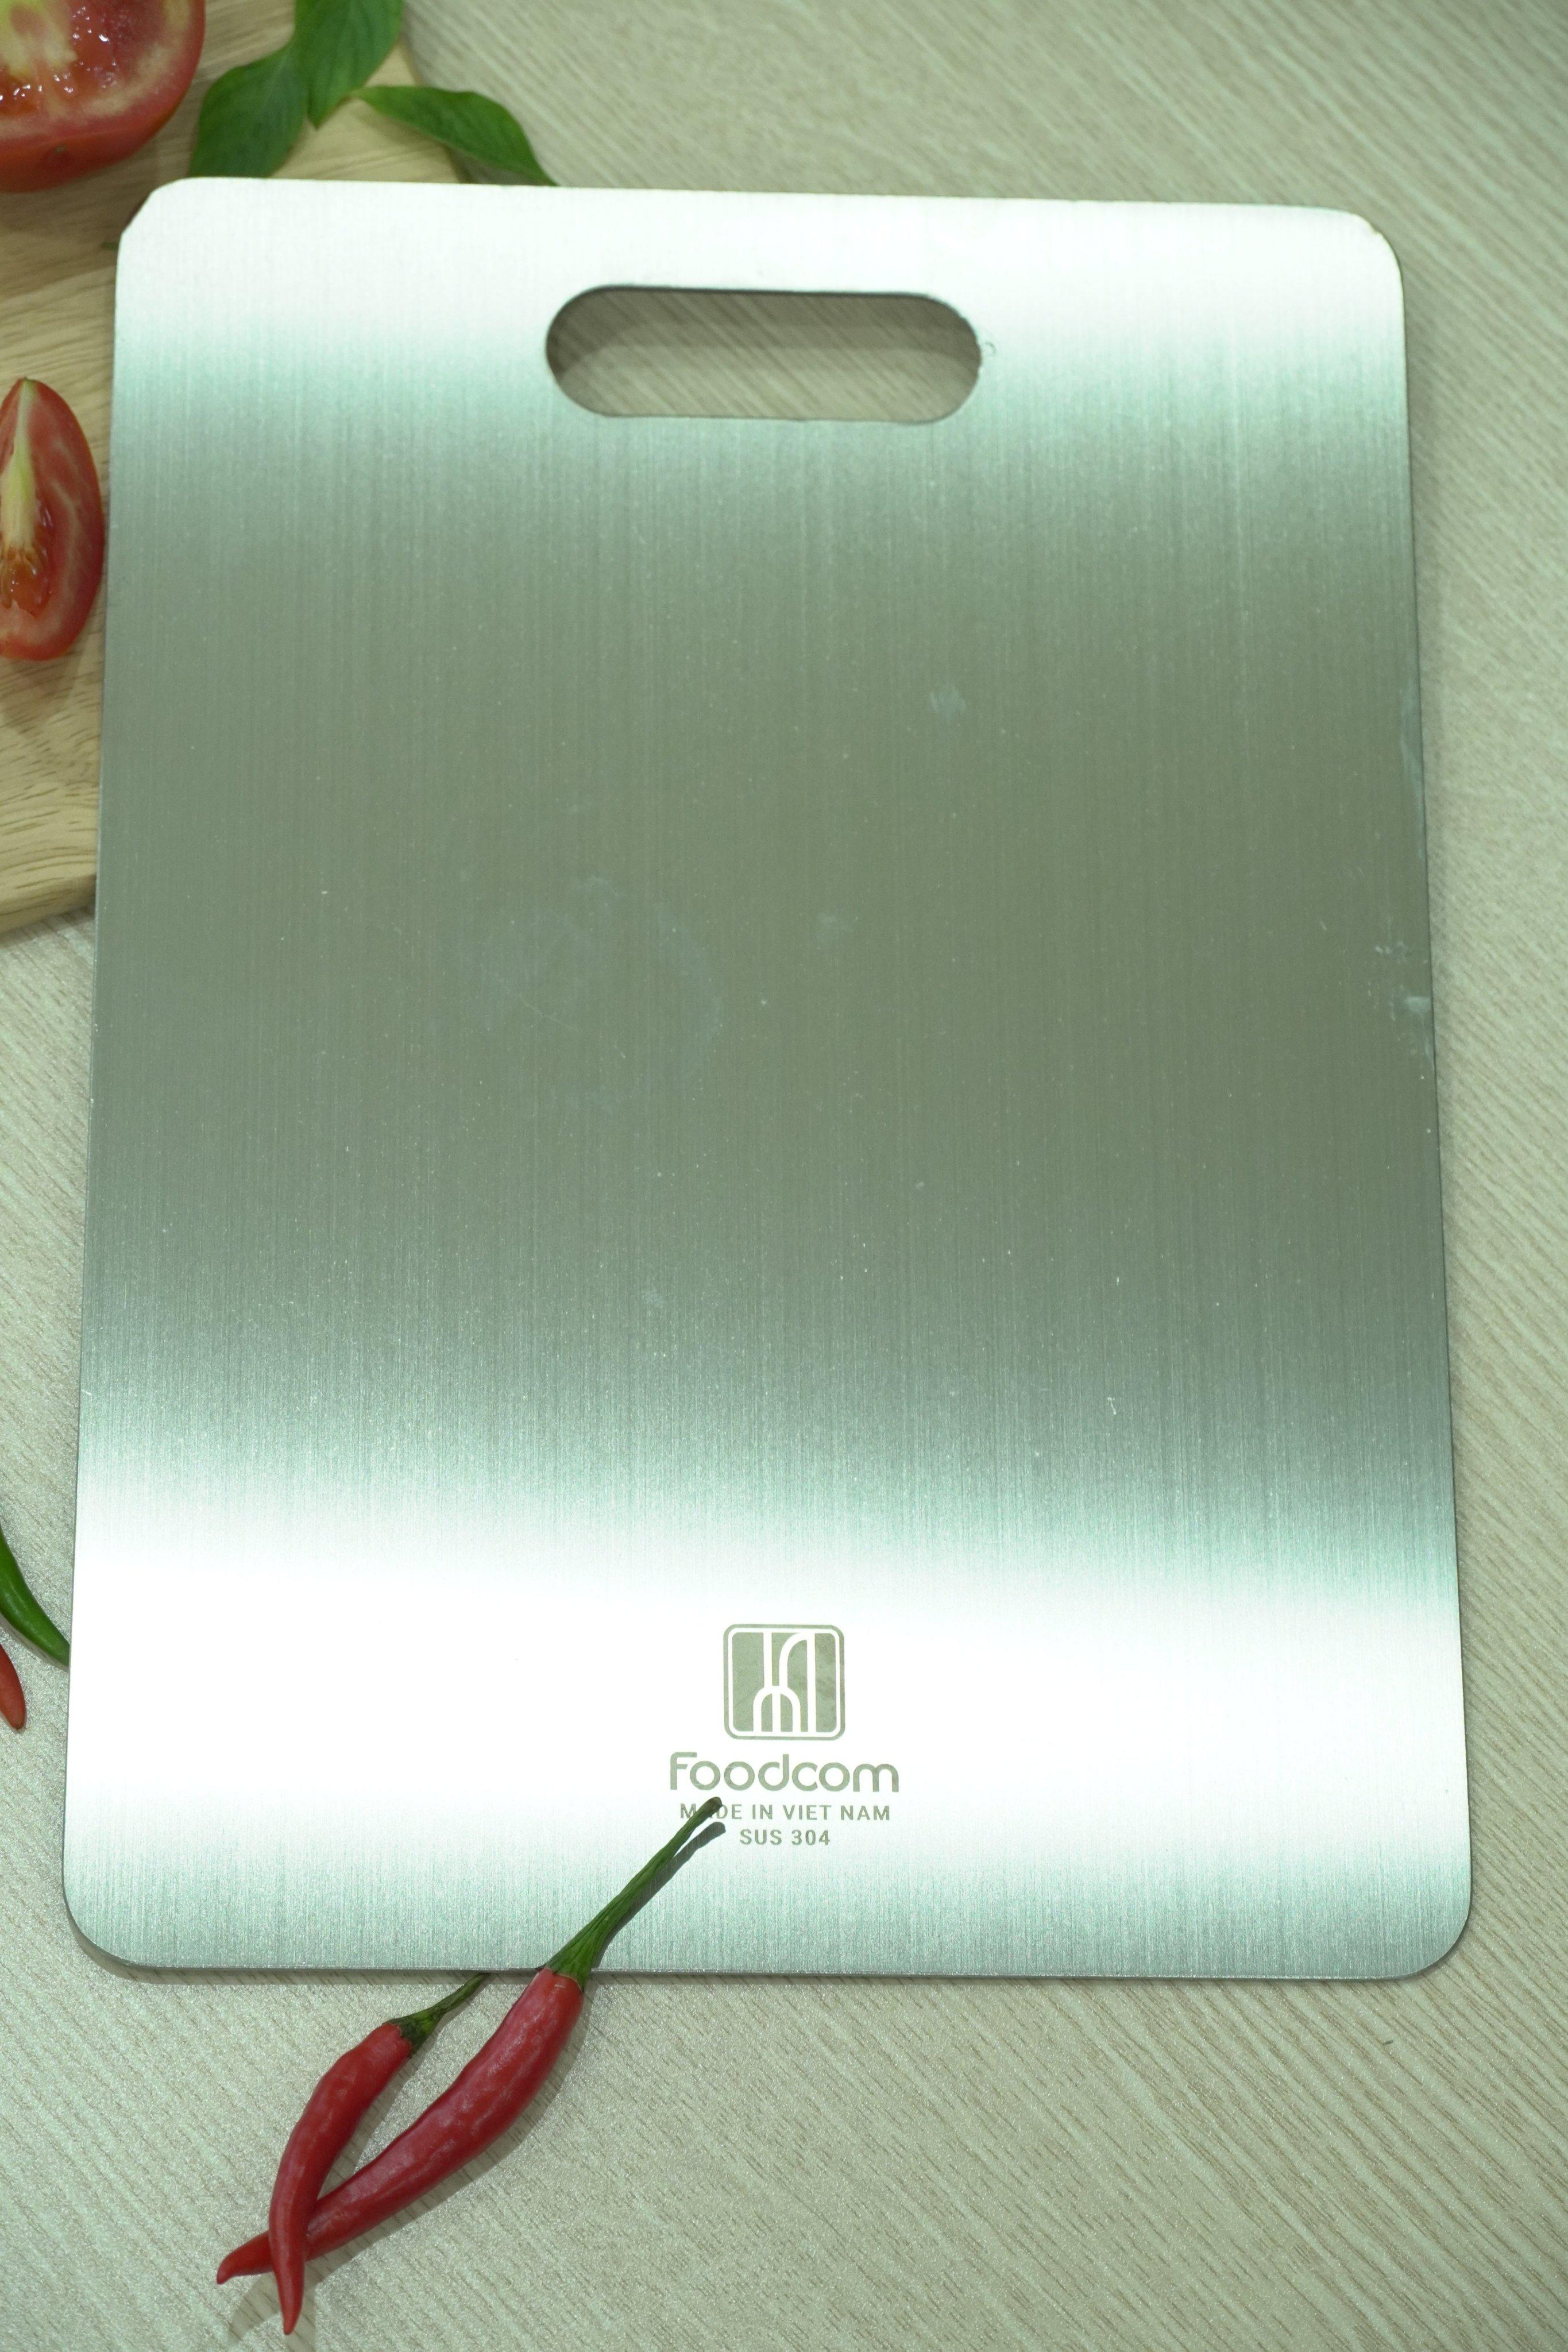 Thớt inox kháng khuẩn cao cấp - inox SuS 304 FC - size 23x33,5cm - dày 2,04mm